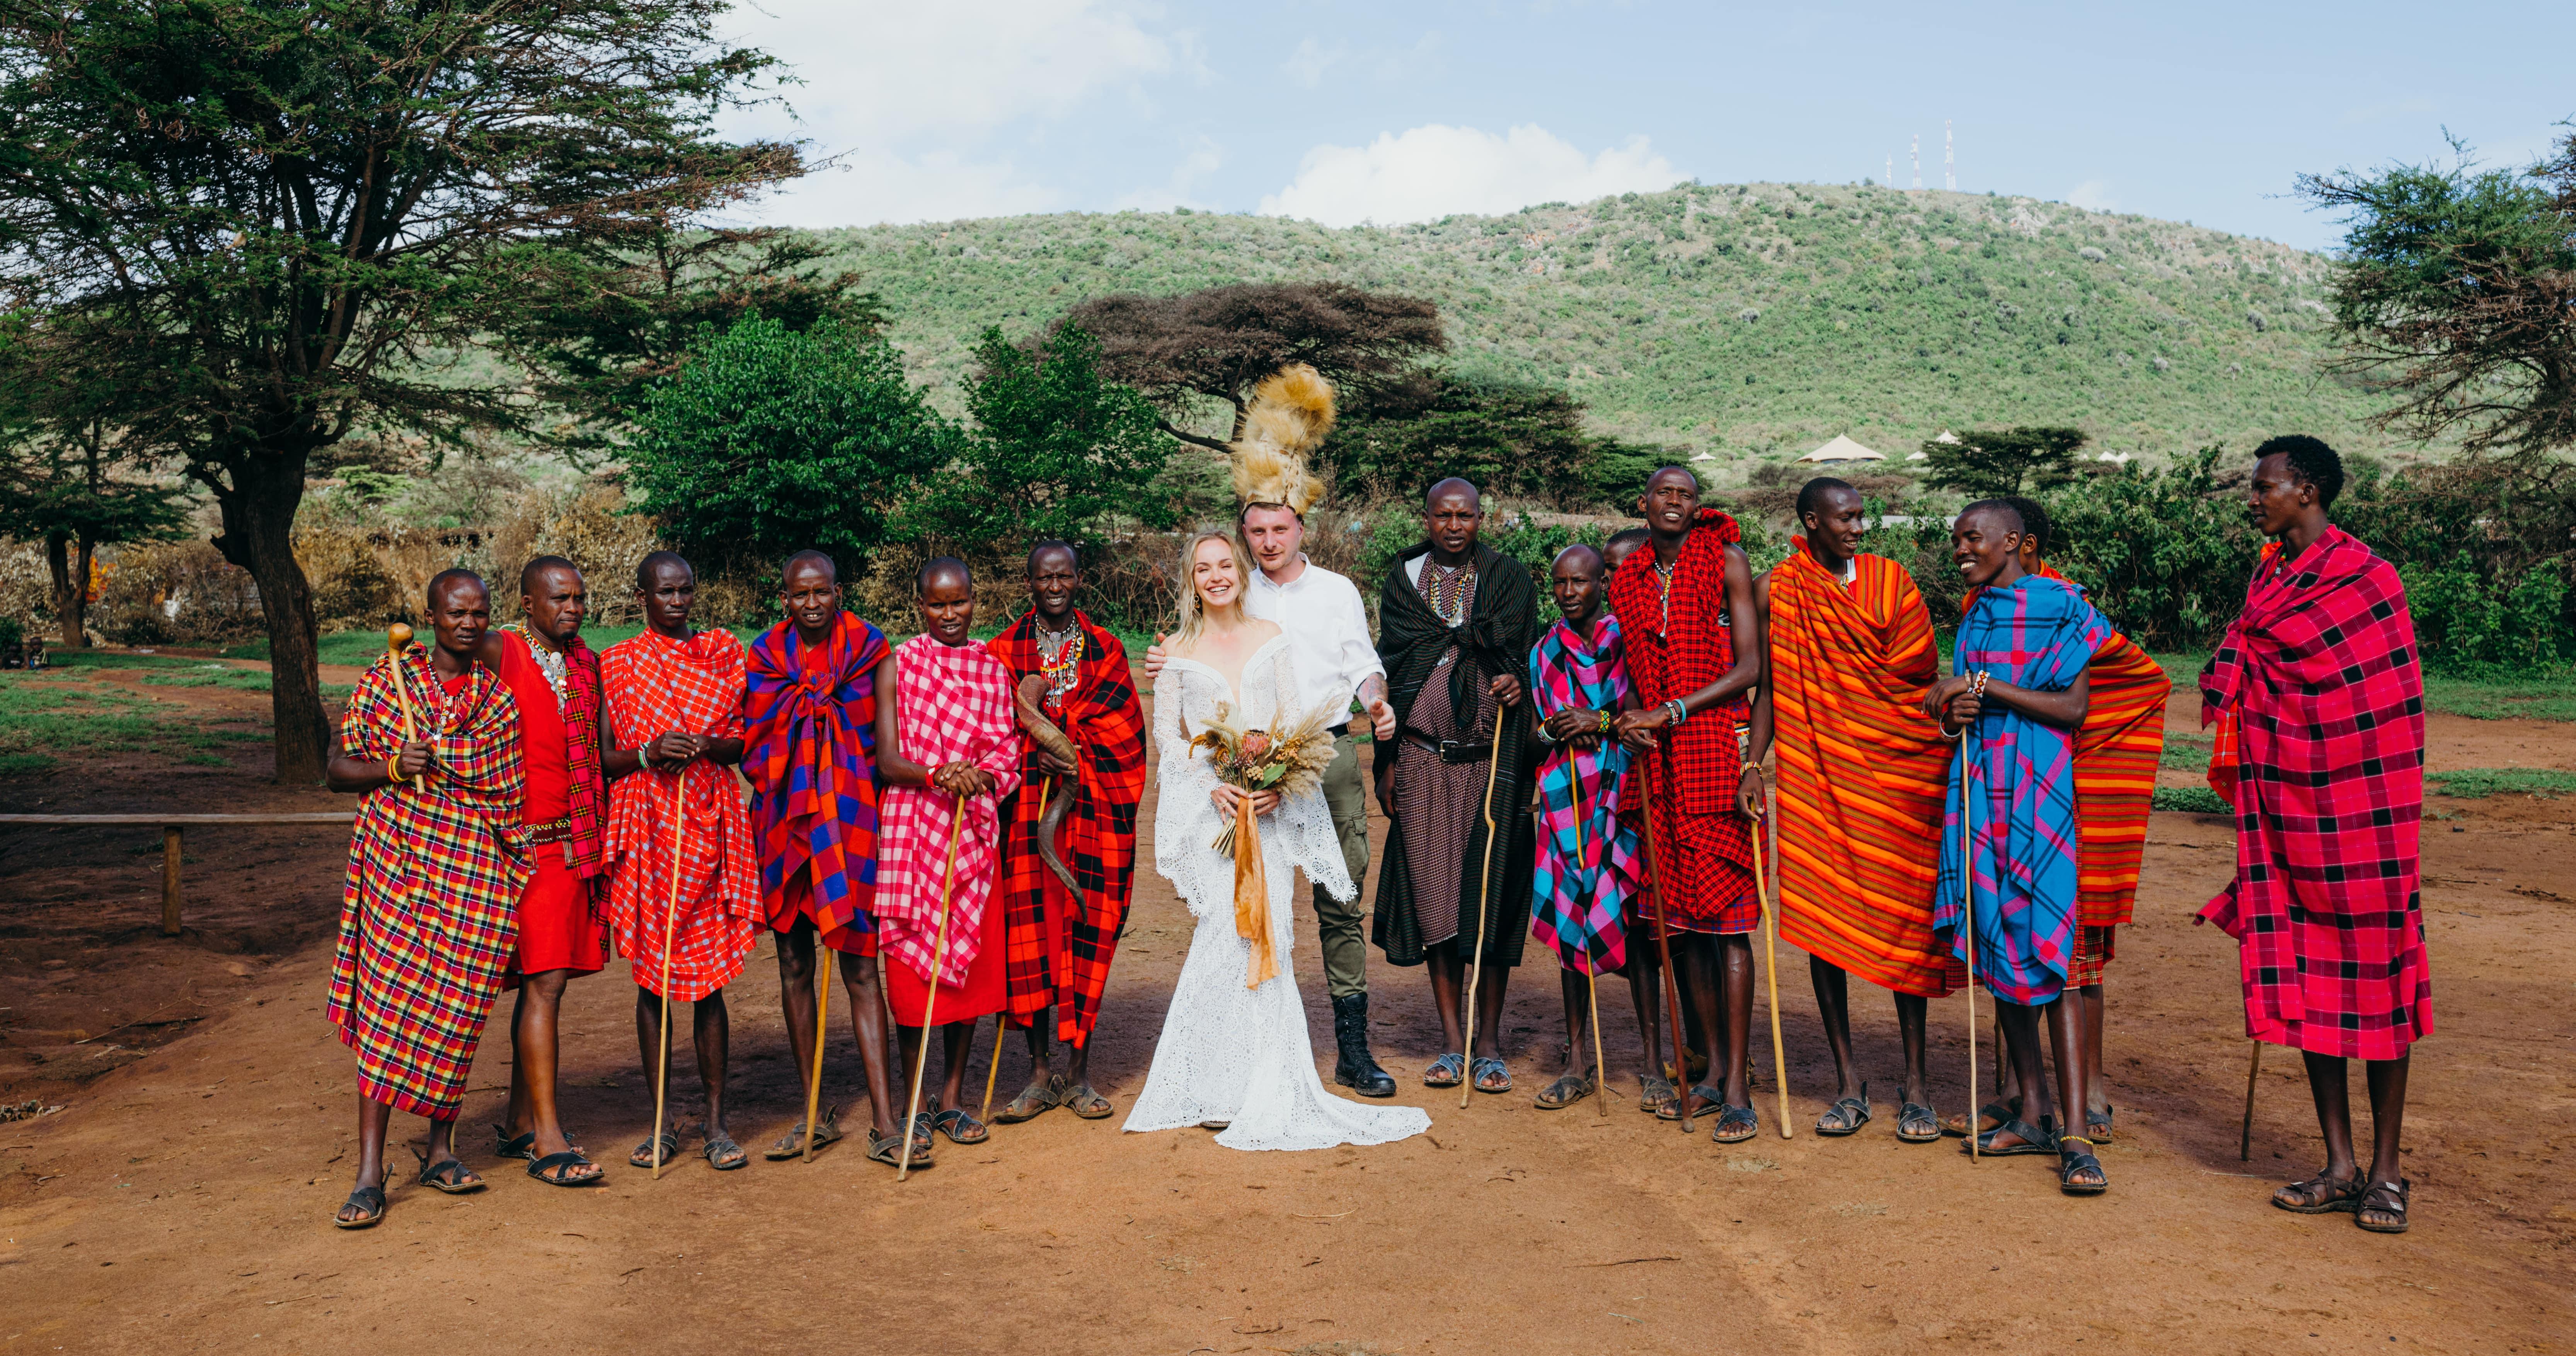 Свадьба в Африке: история реальной невесты